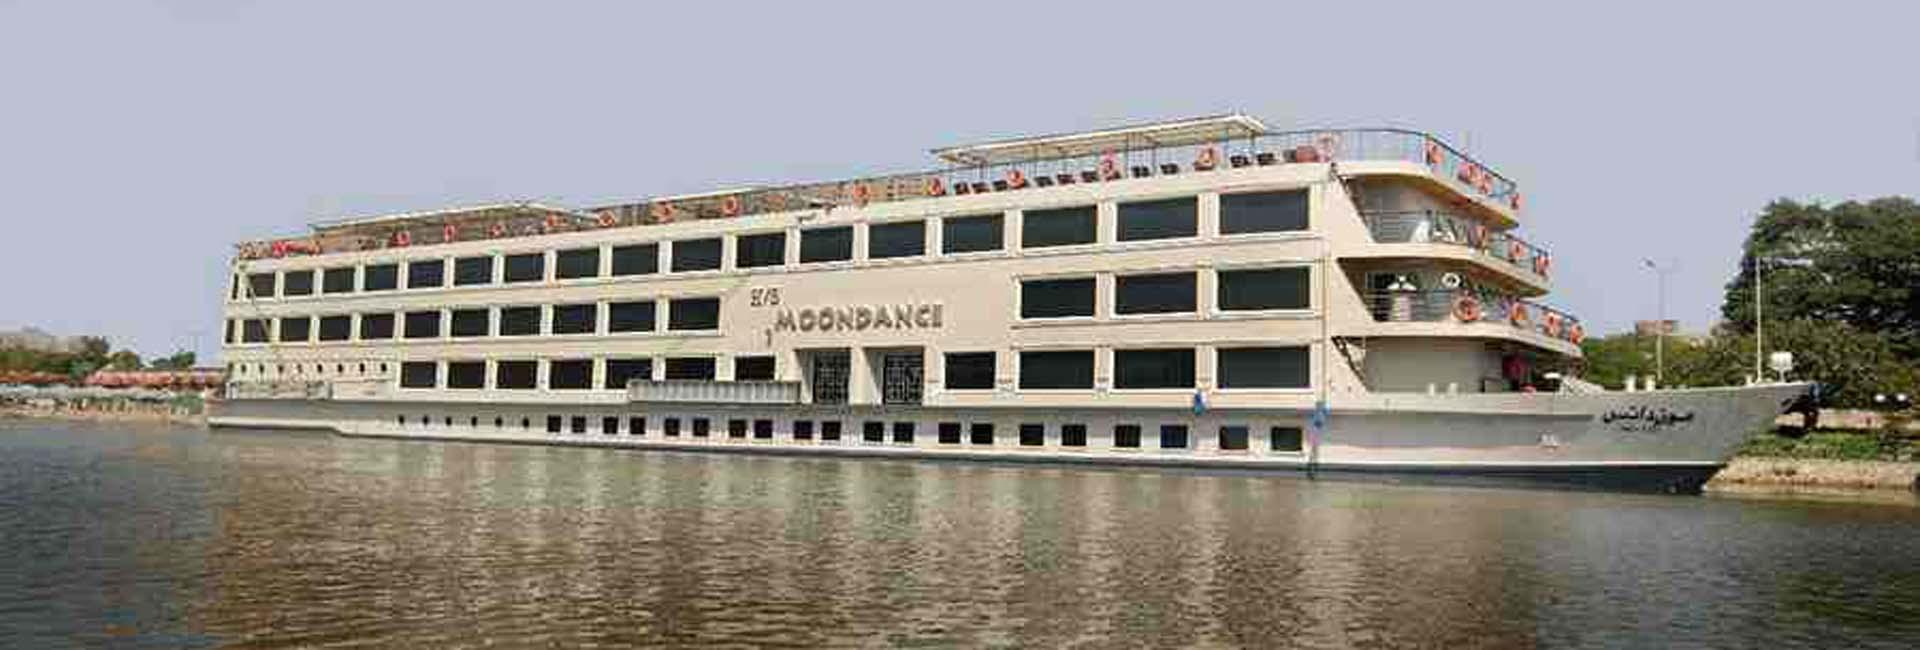 Moondance Nile Cruise